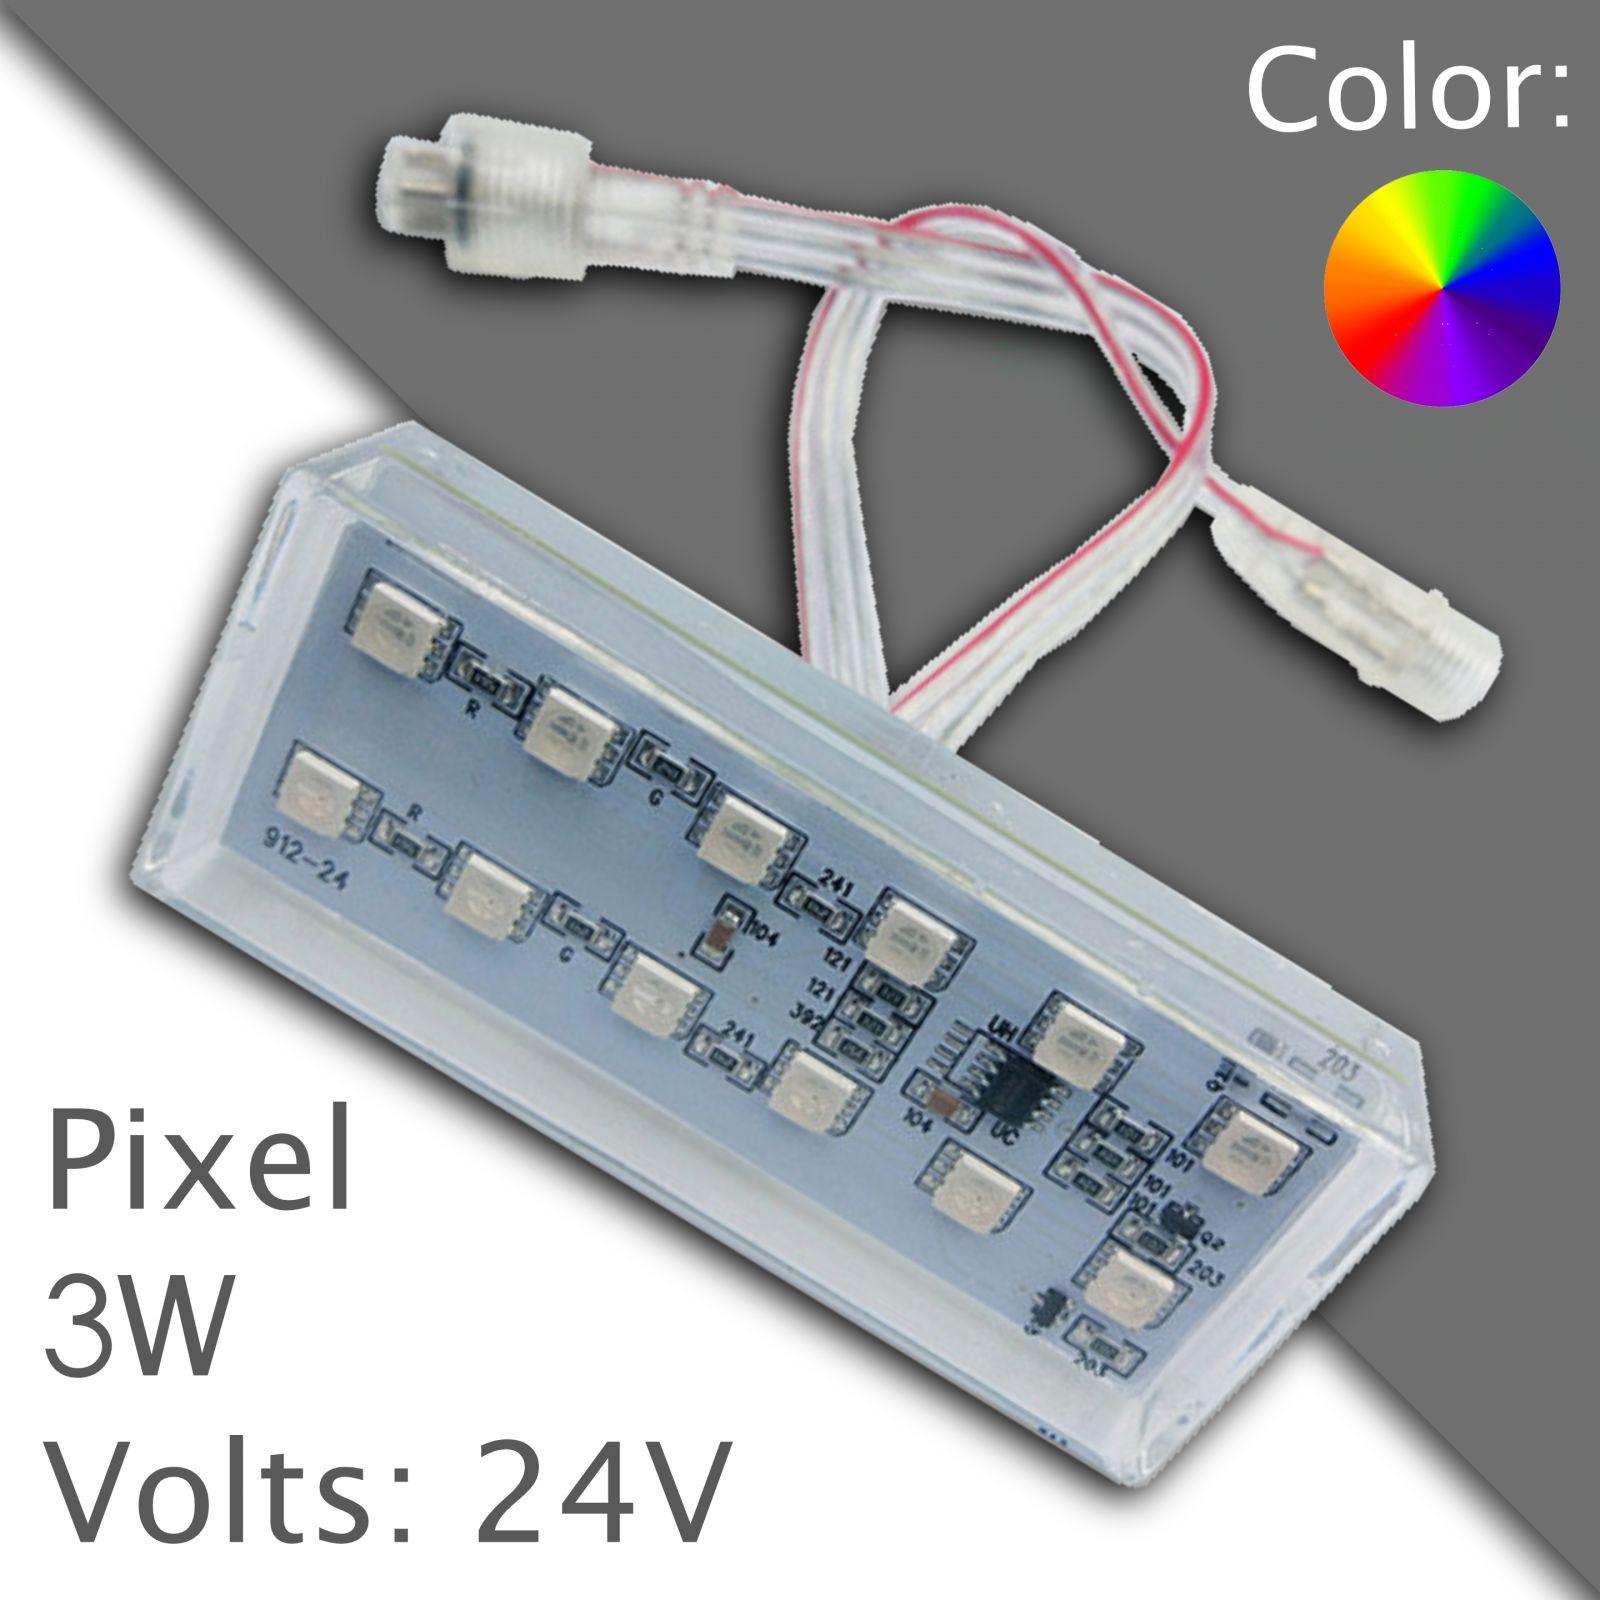 Led pixel rgb 90mm programmable, waterproof